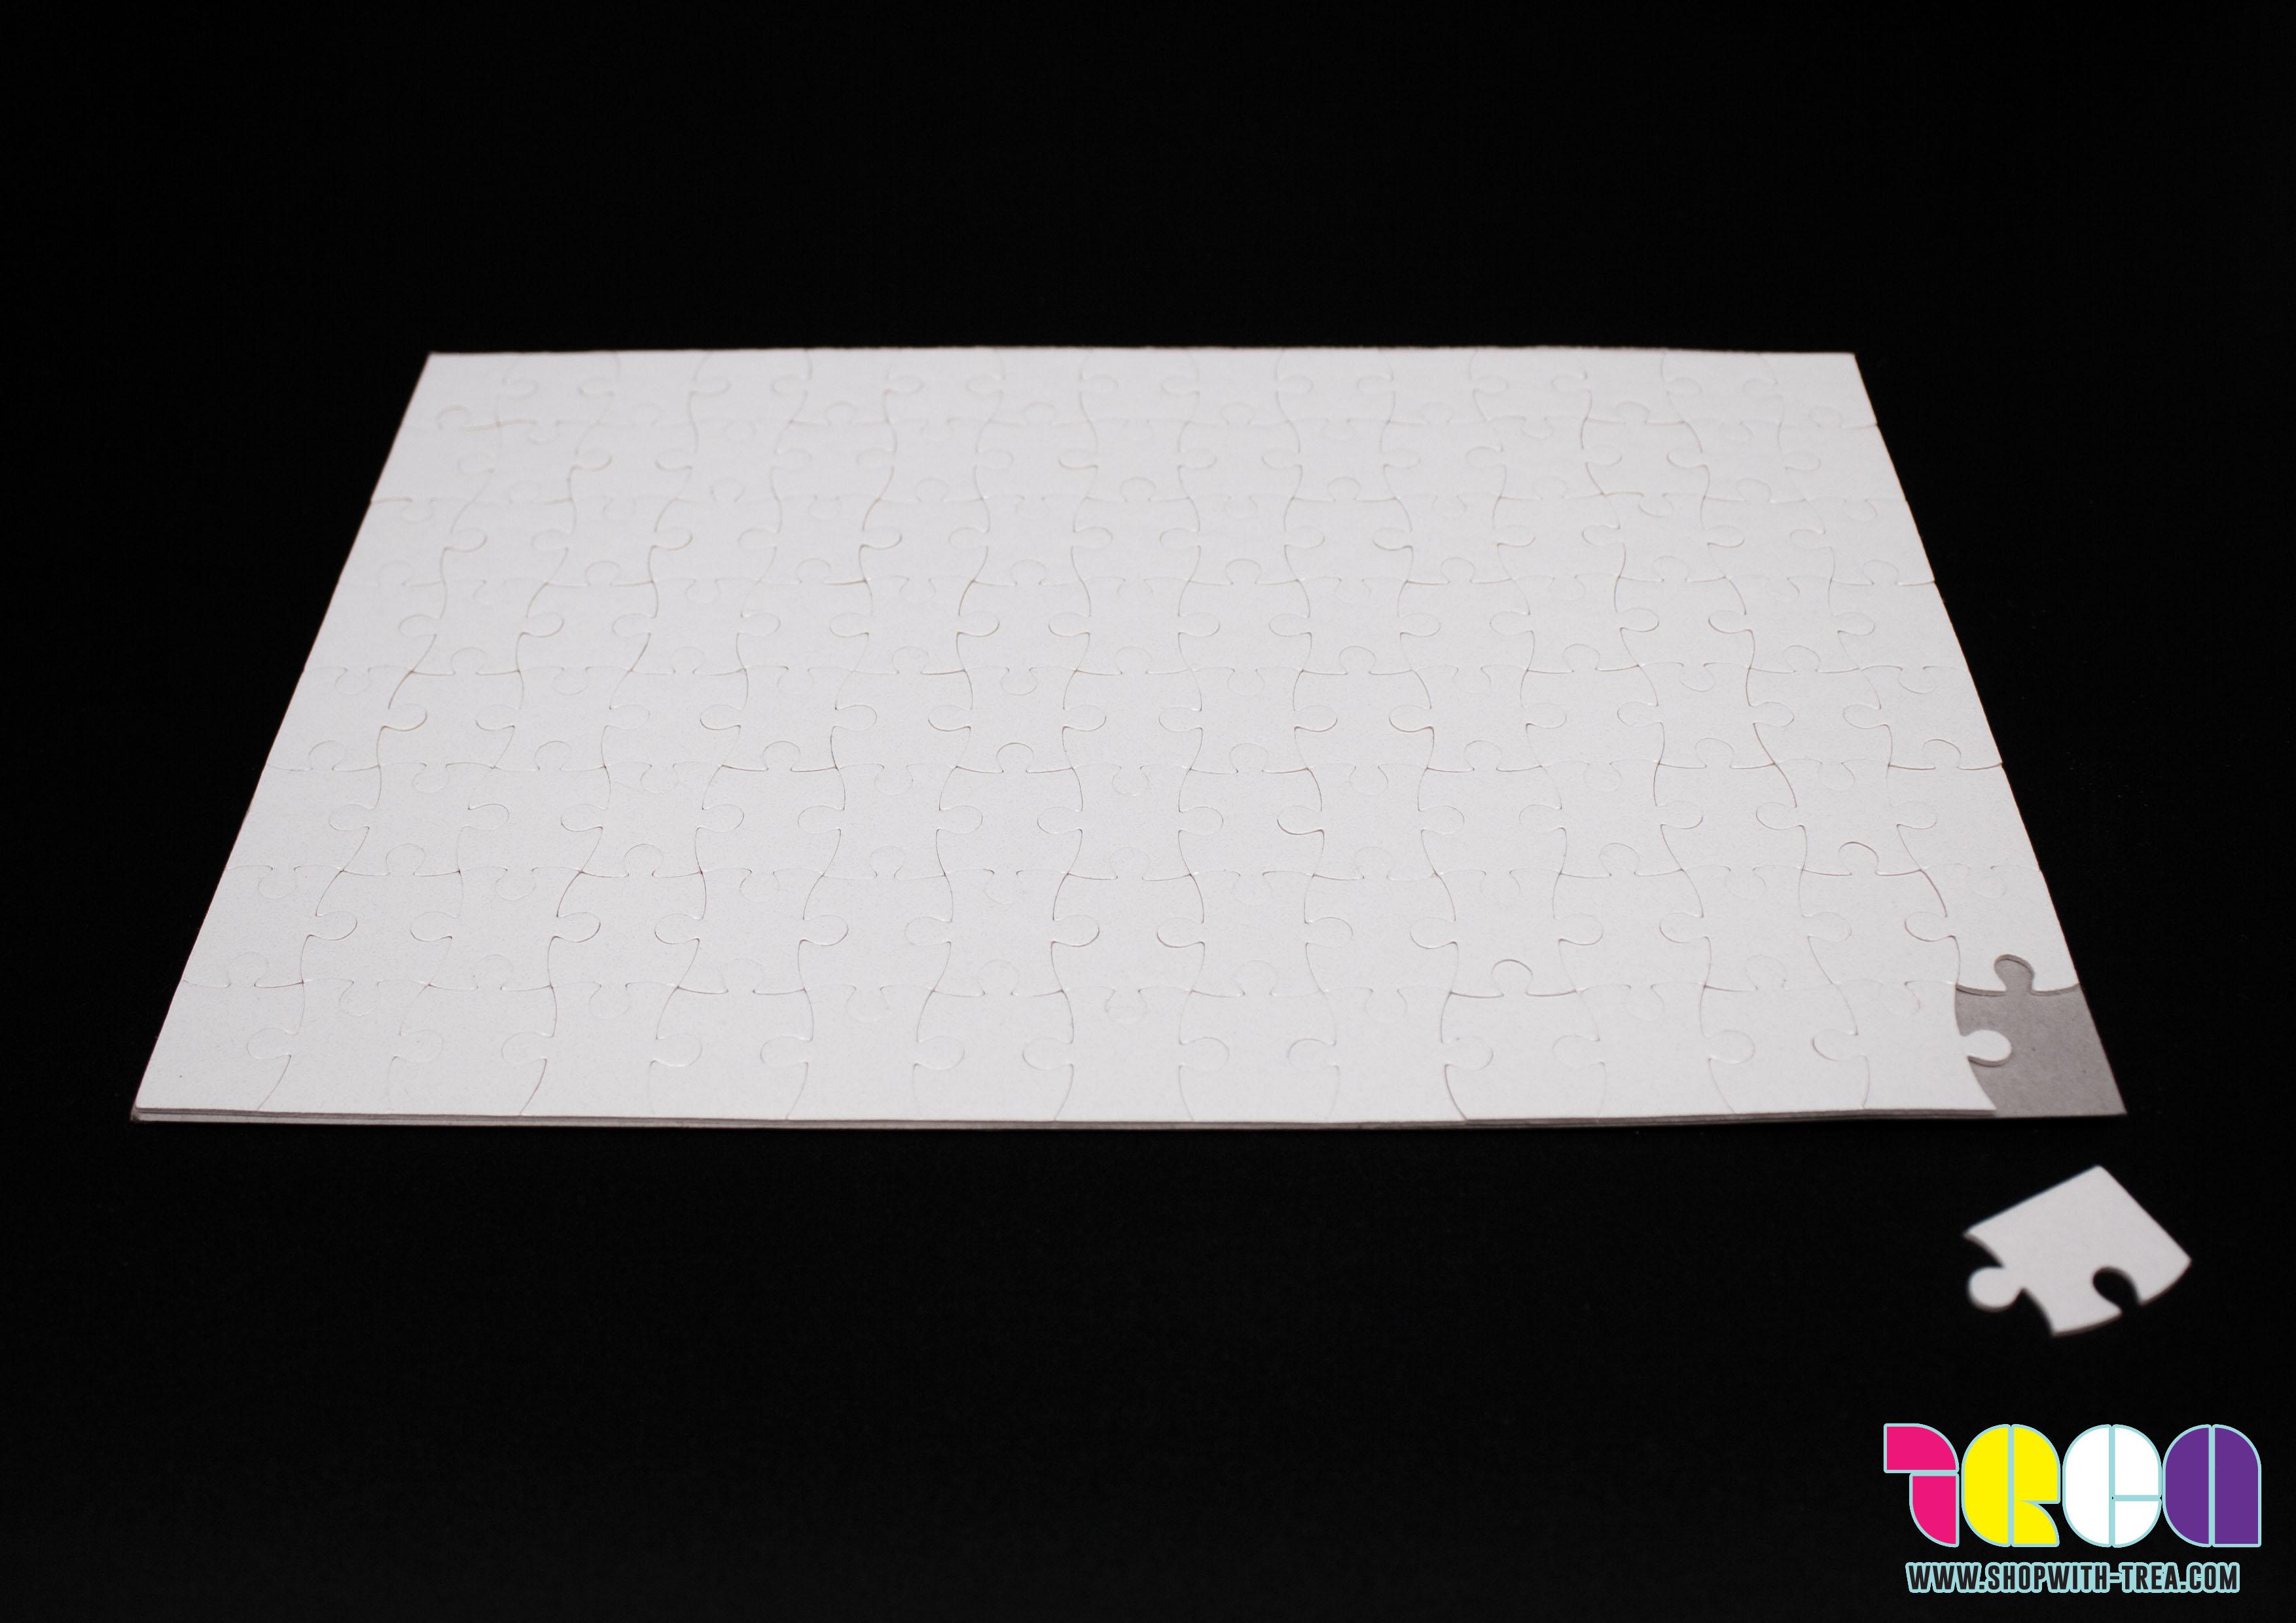 custom jigsaw puzzle - large